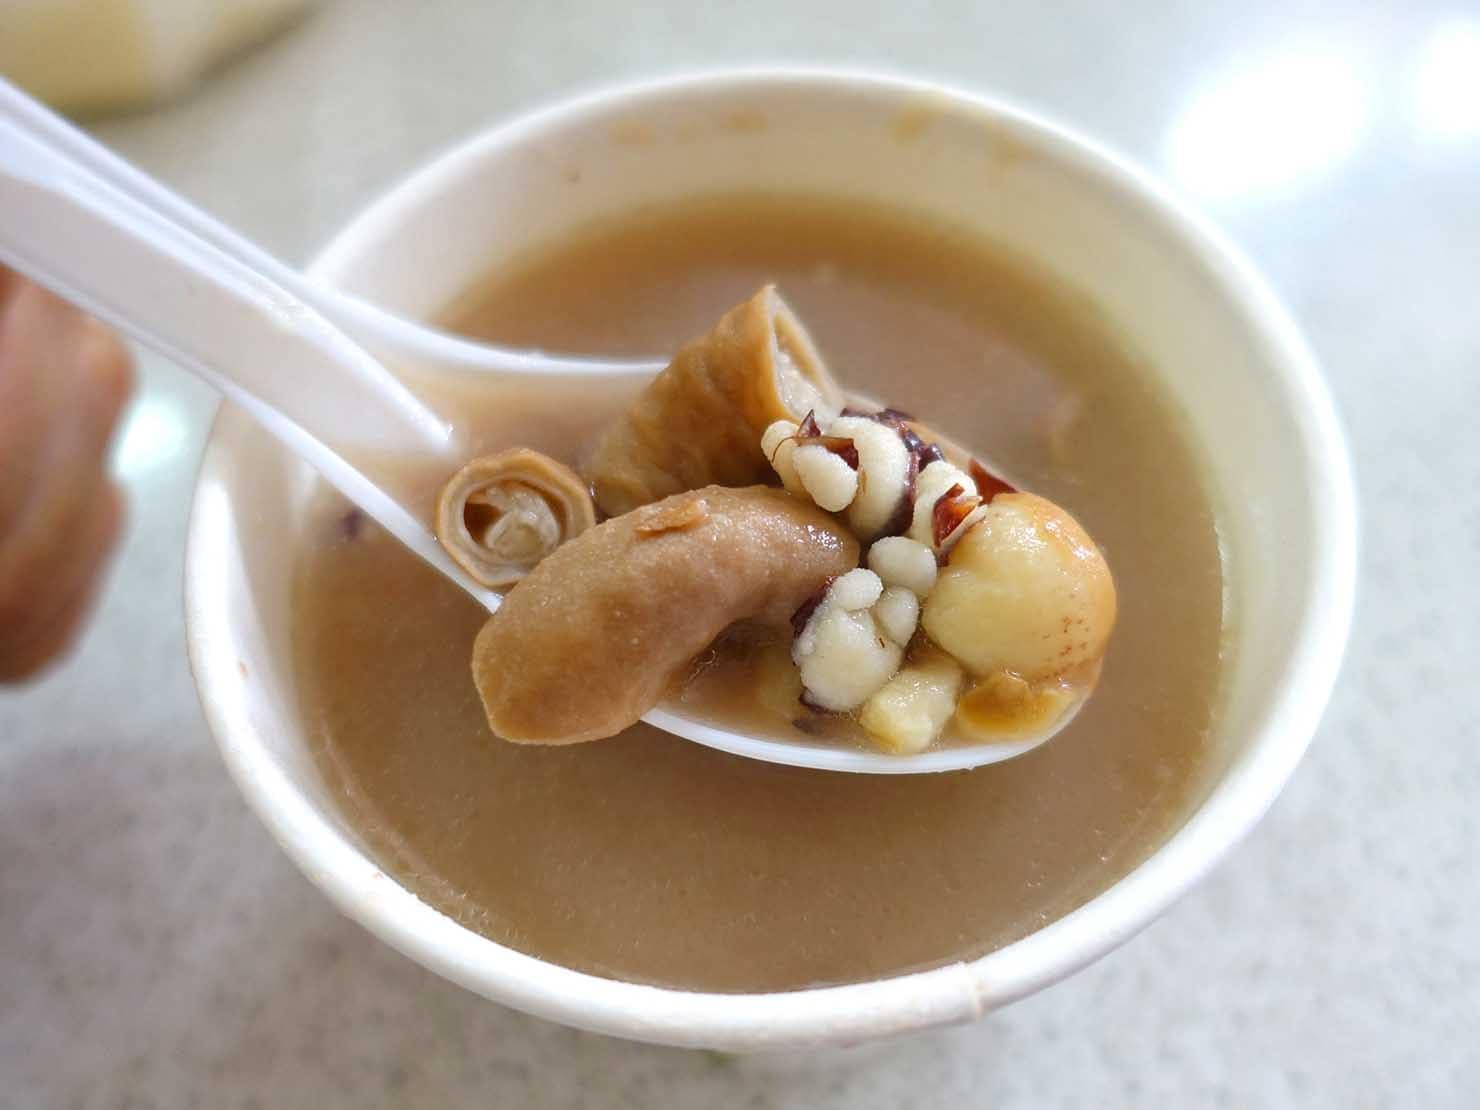 台北・迪化街の伝統グルメ店「妙口四神湯肉包」の四神湯(臓物スープ)